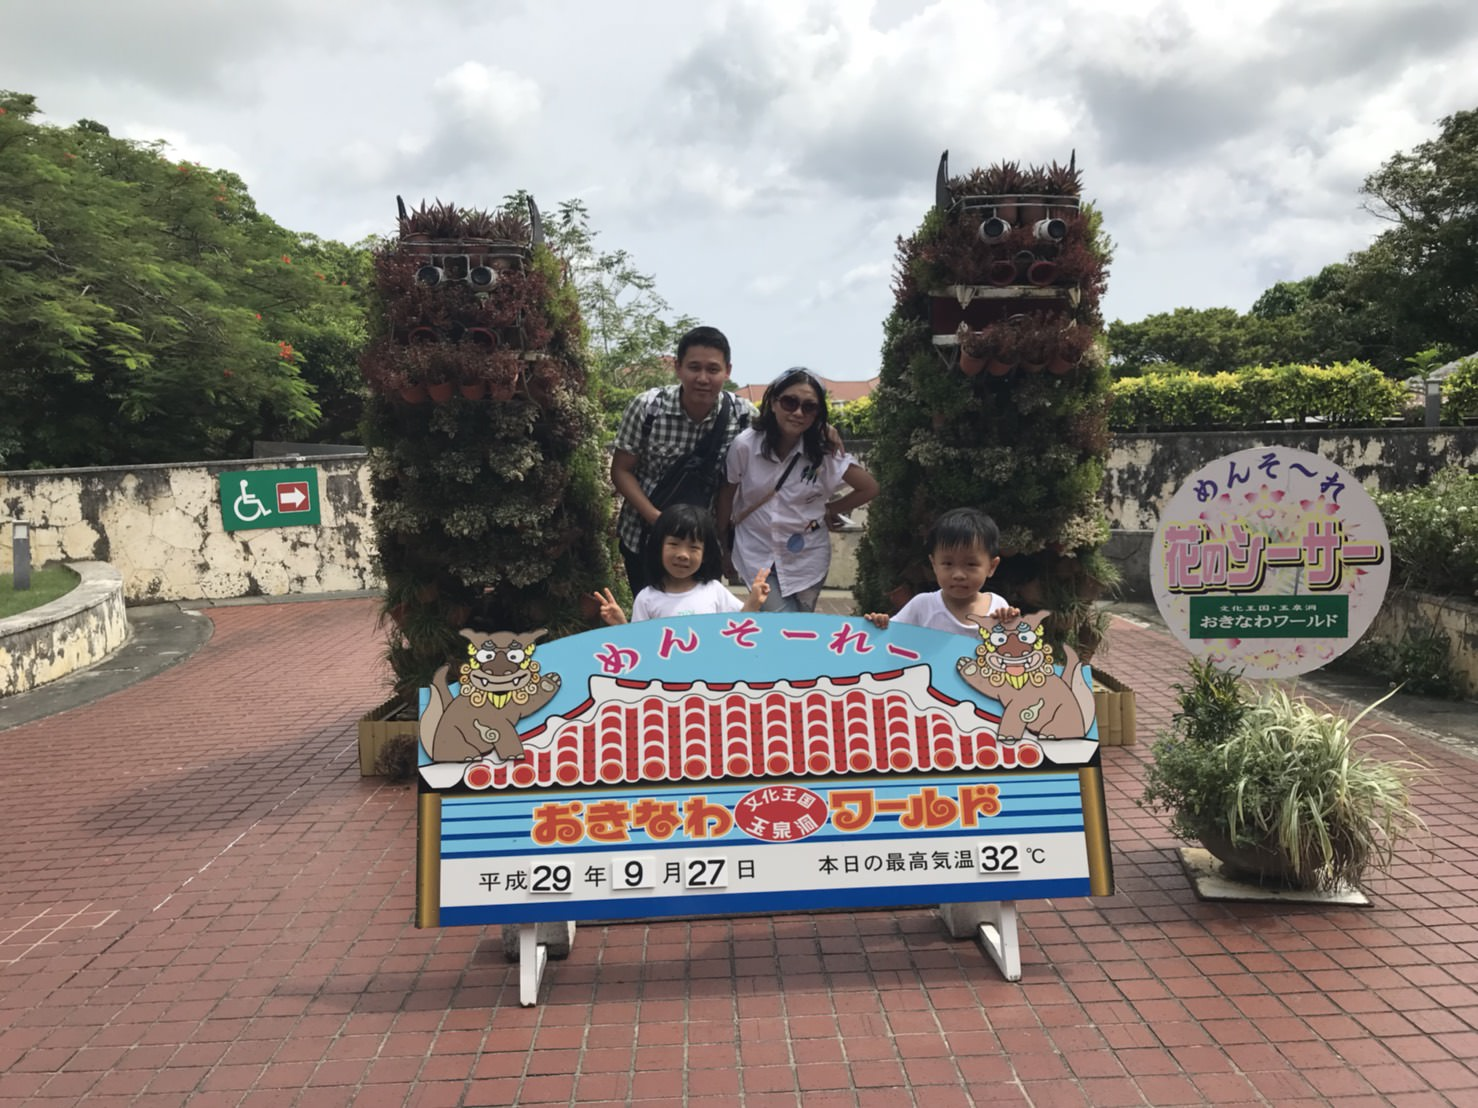 『沖繩』不一樣的探索沖繩王國-王國村原來也可以這麼好玩